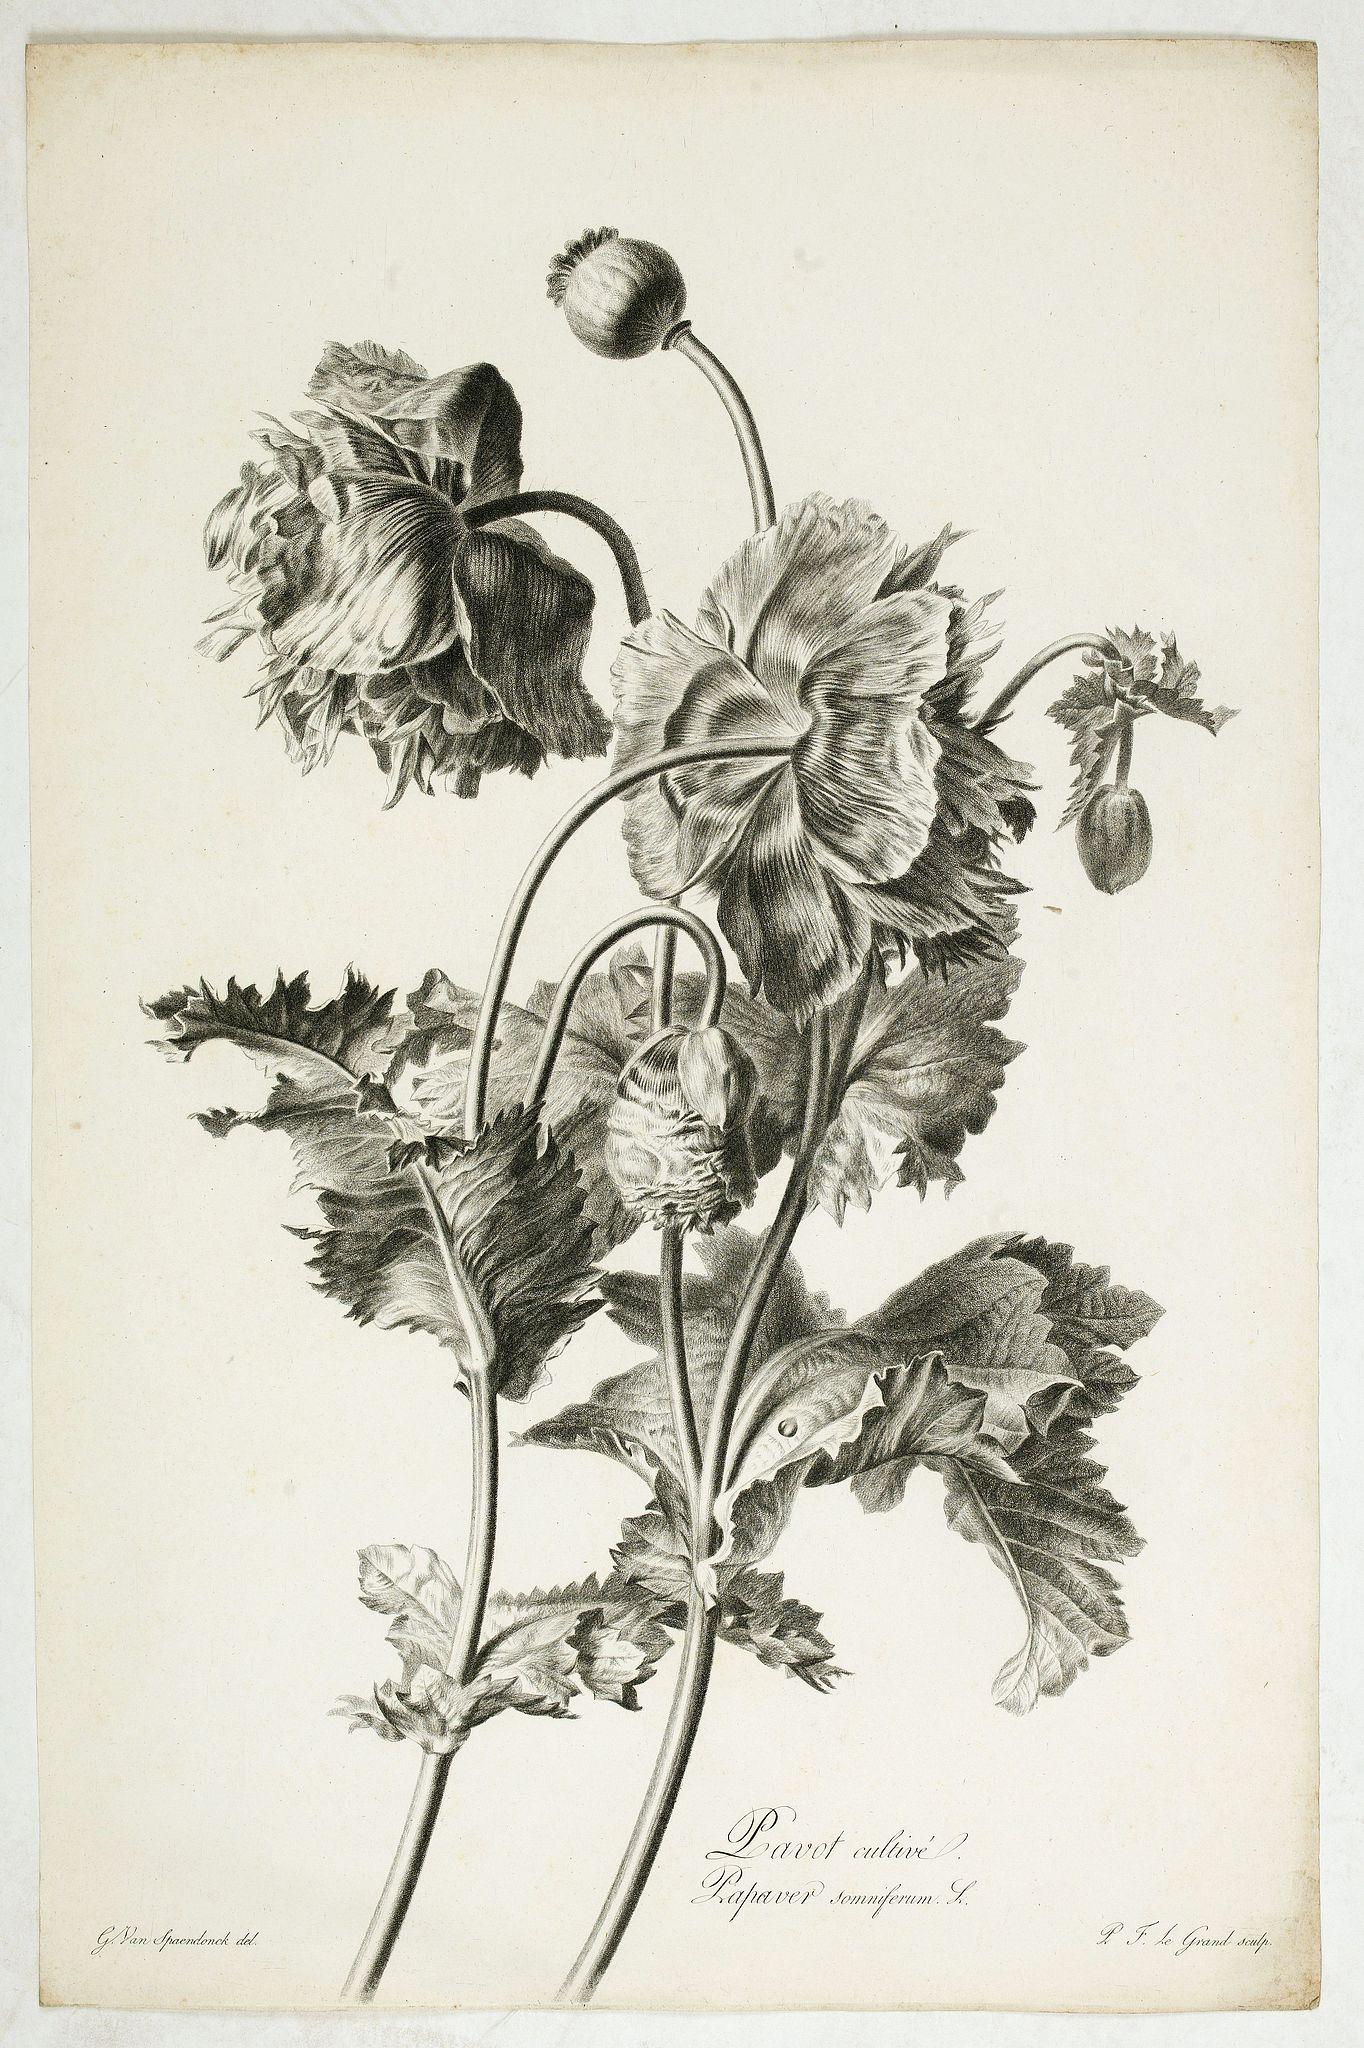 SPAENDONCK, Van. G. -  Pavot cultivé. Papaver somniferum L.